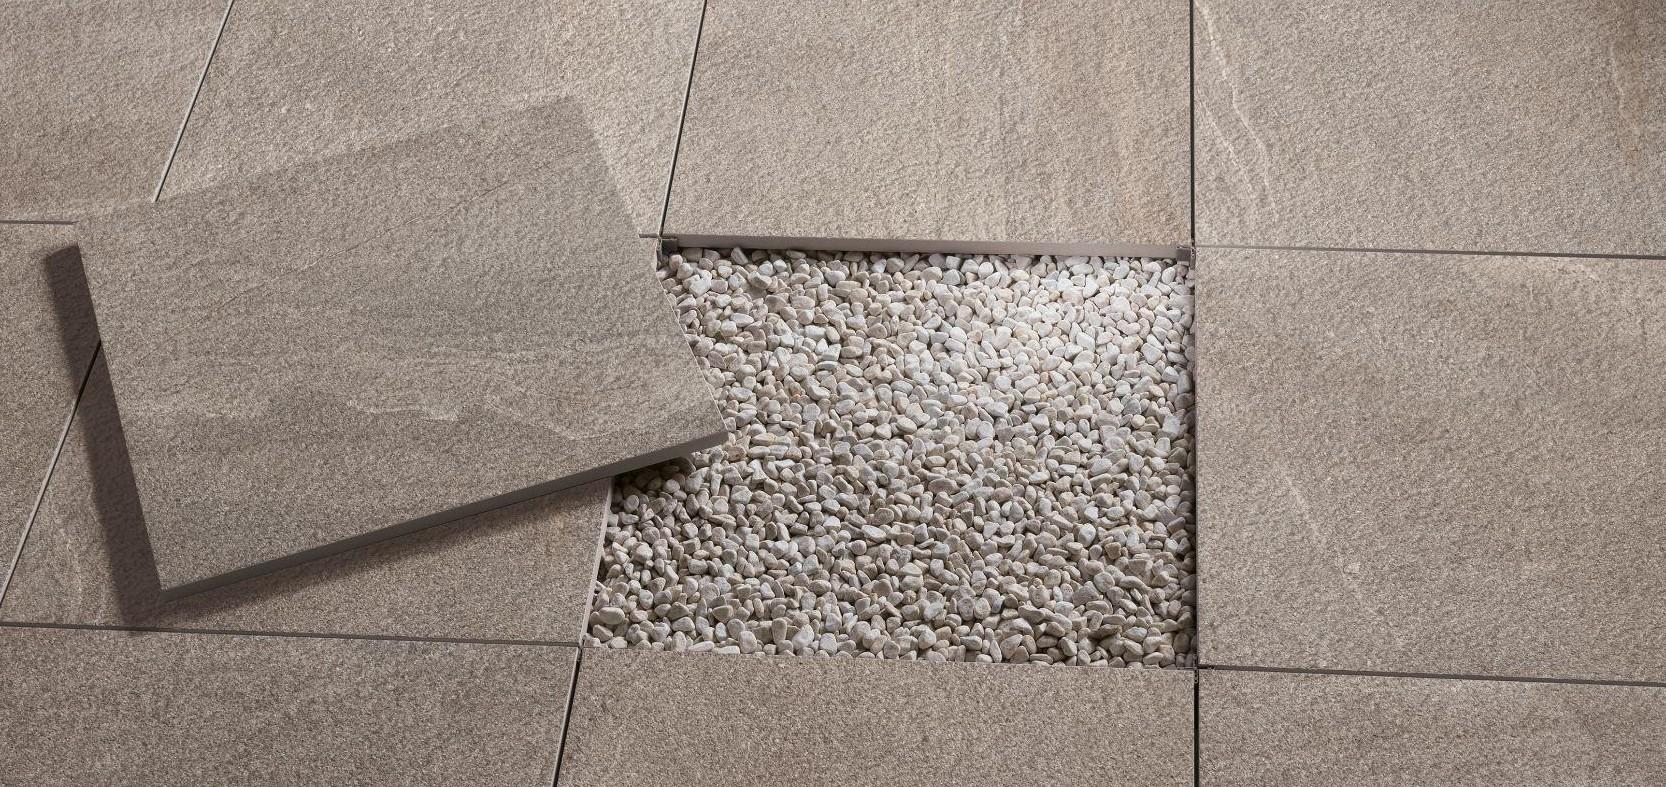 Carrelage en gr s c rame 45x90 paisseur 2 cm sur plot for Carrelage stone